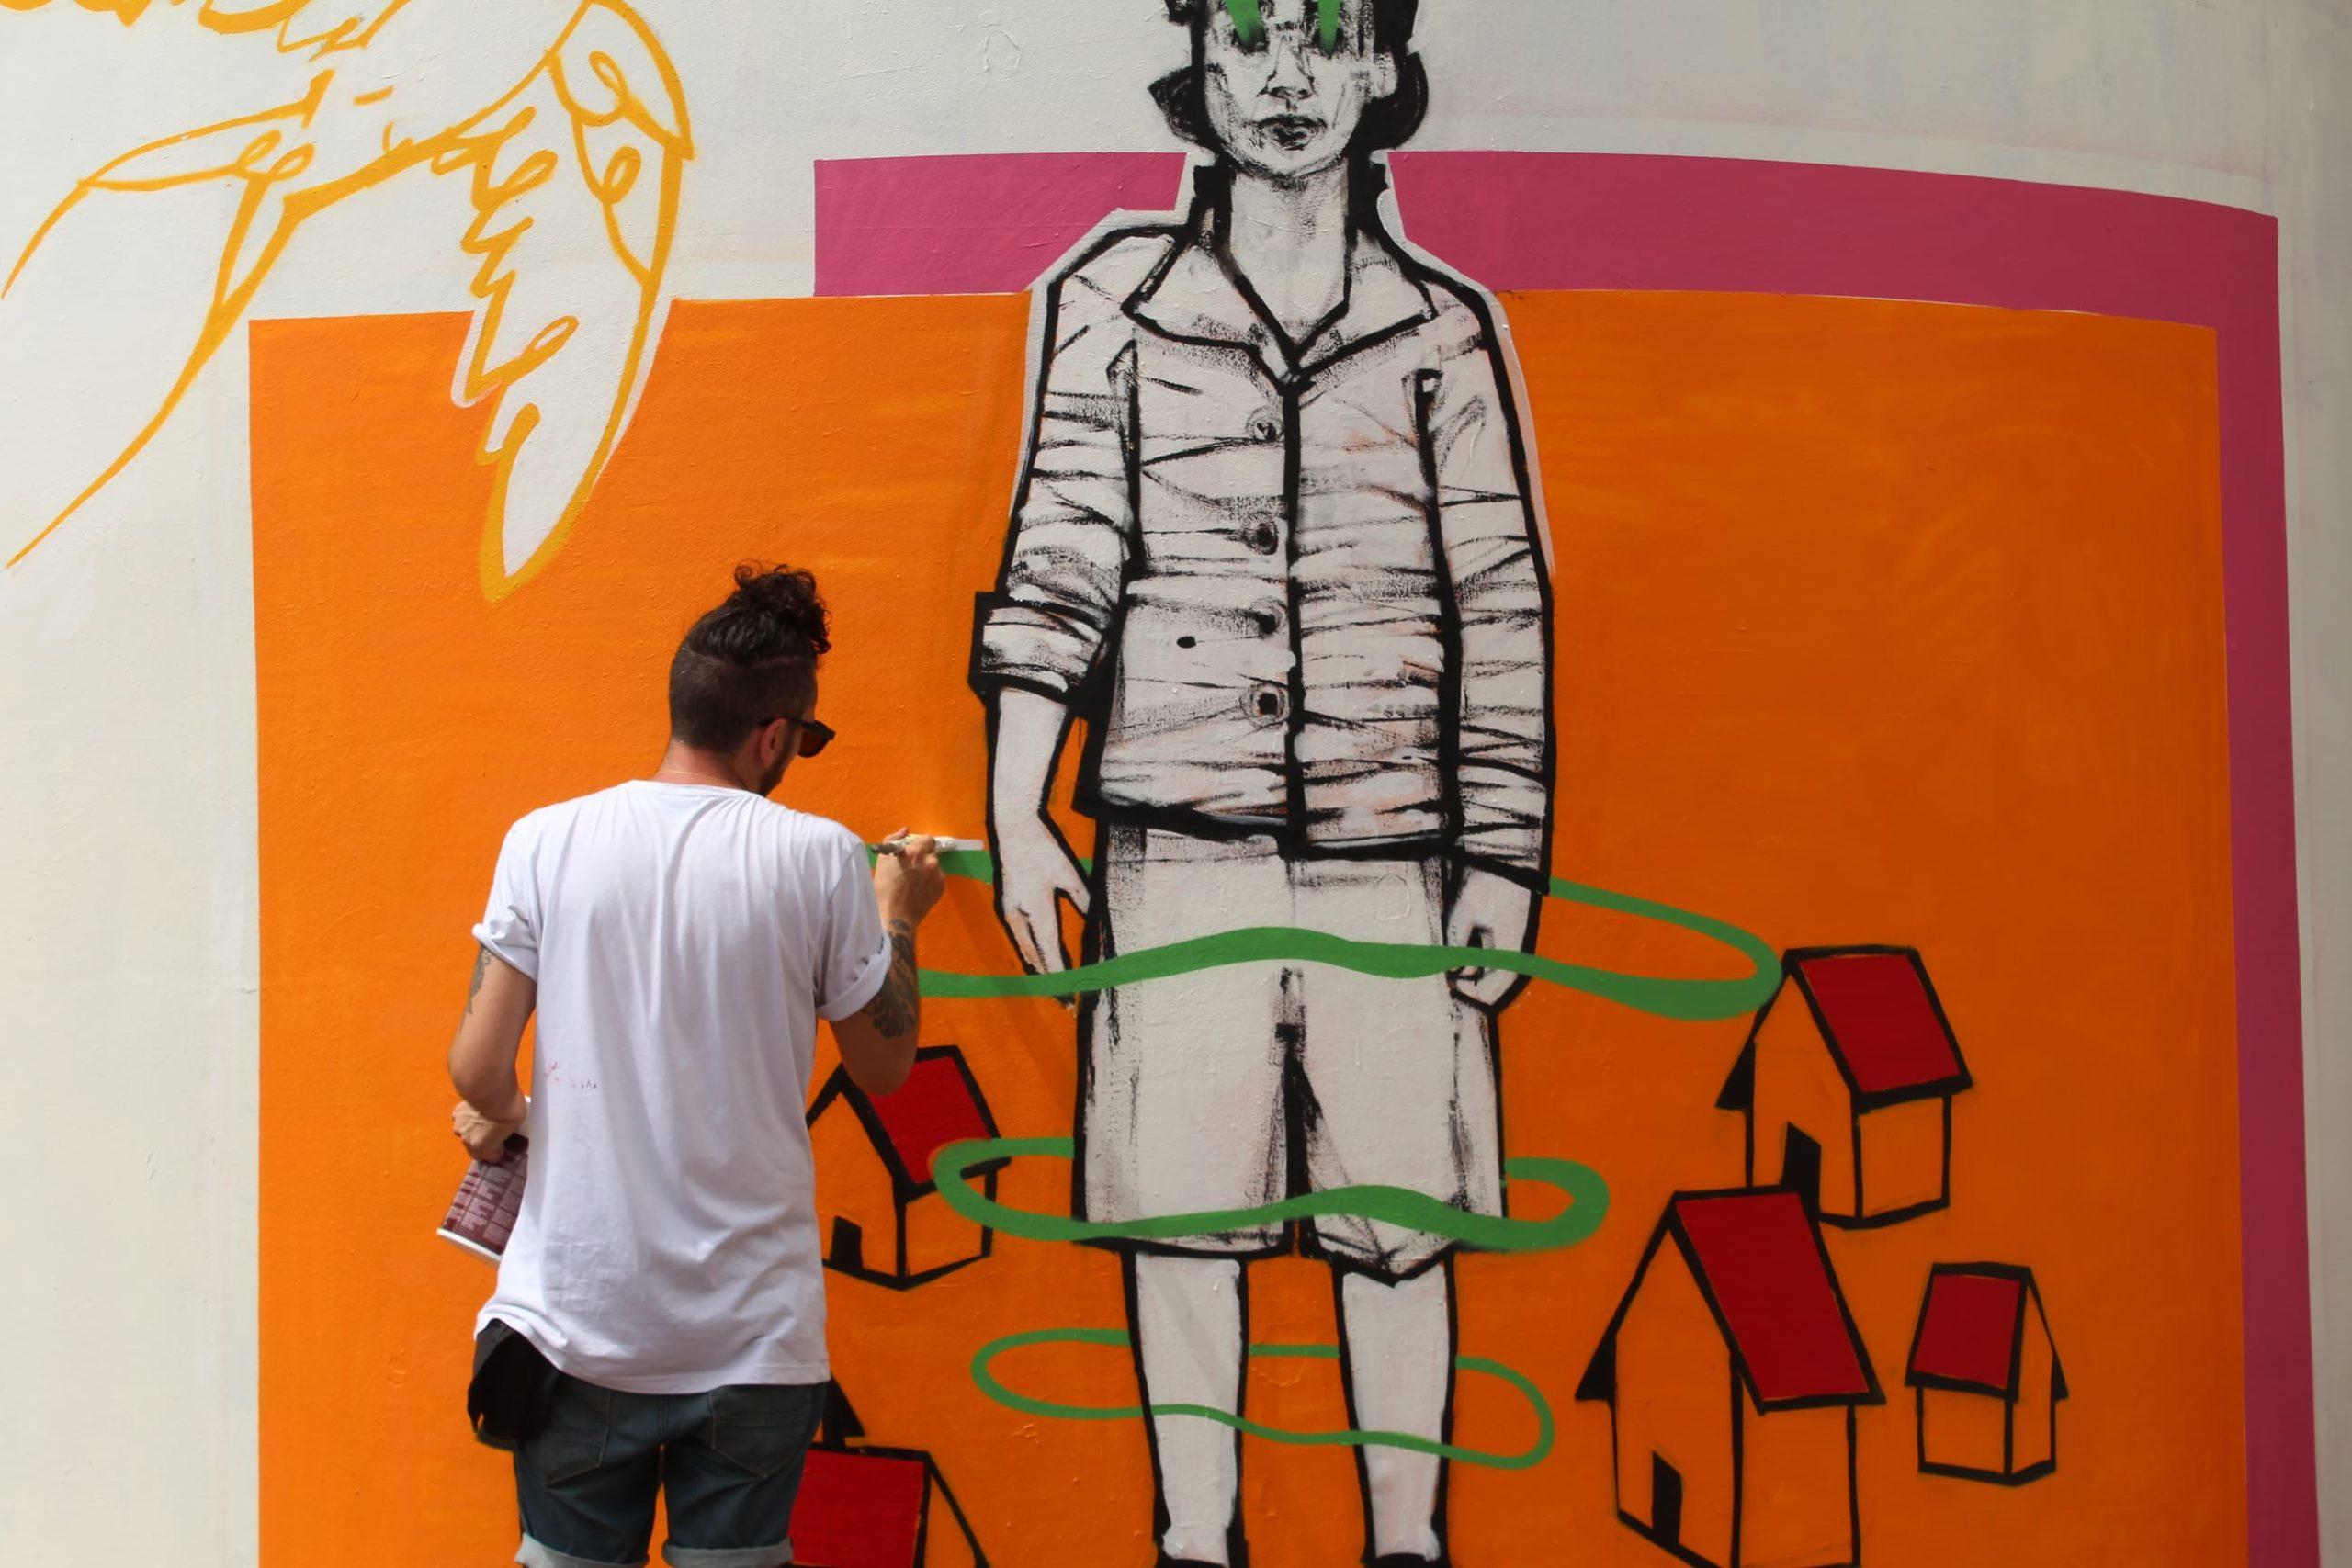 Wall Claim by Santiago Elefante (19)